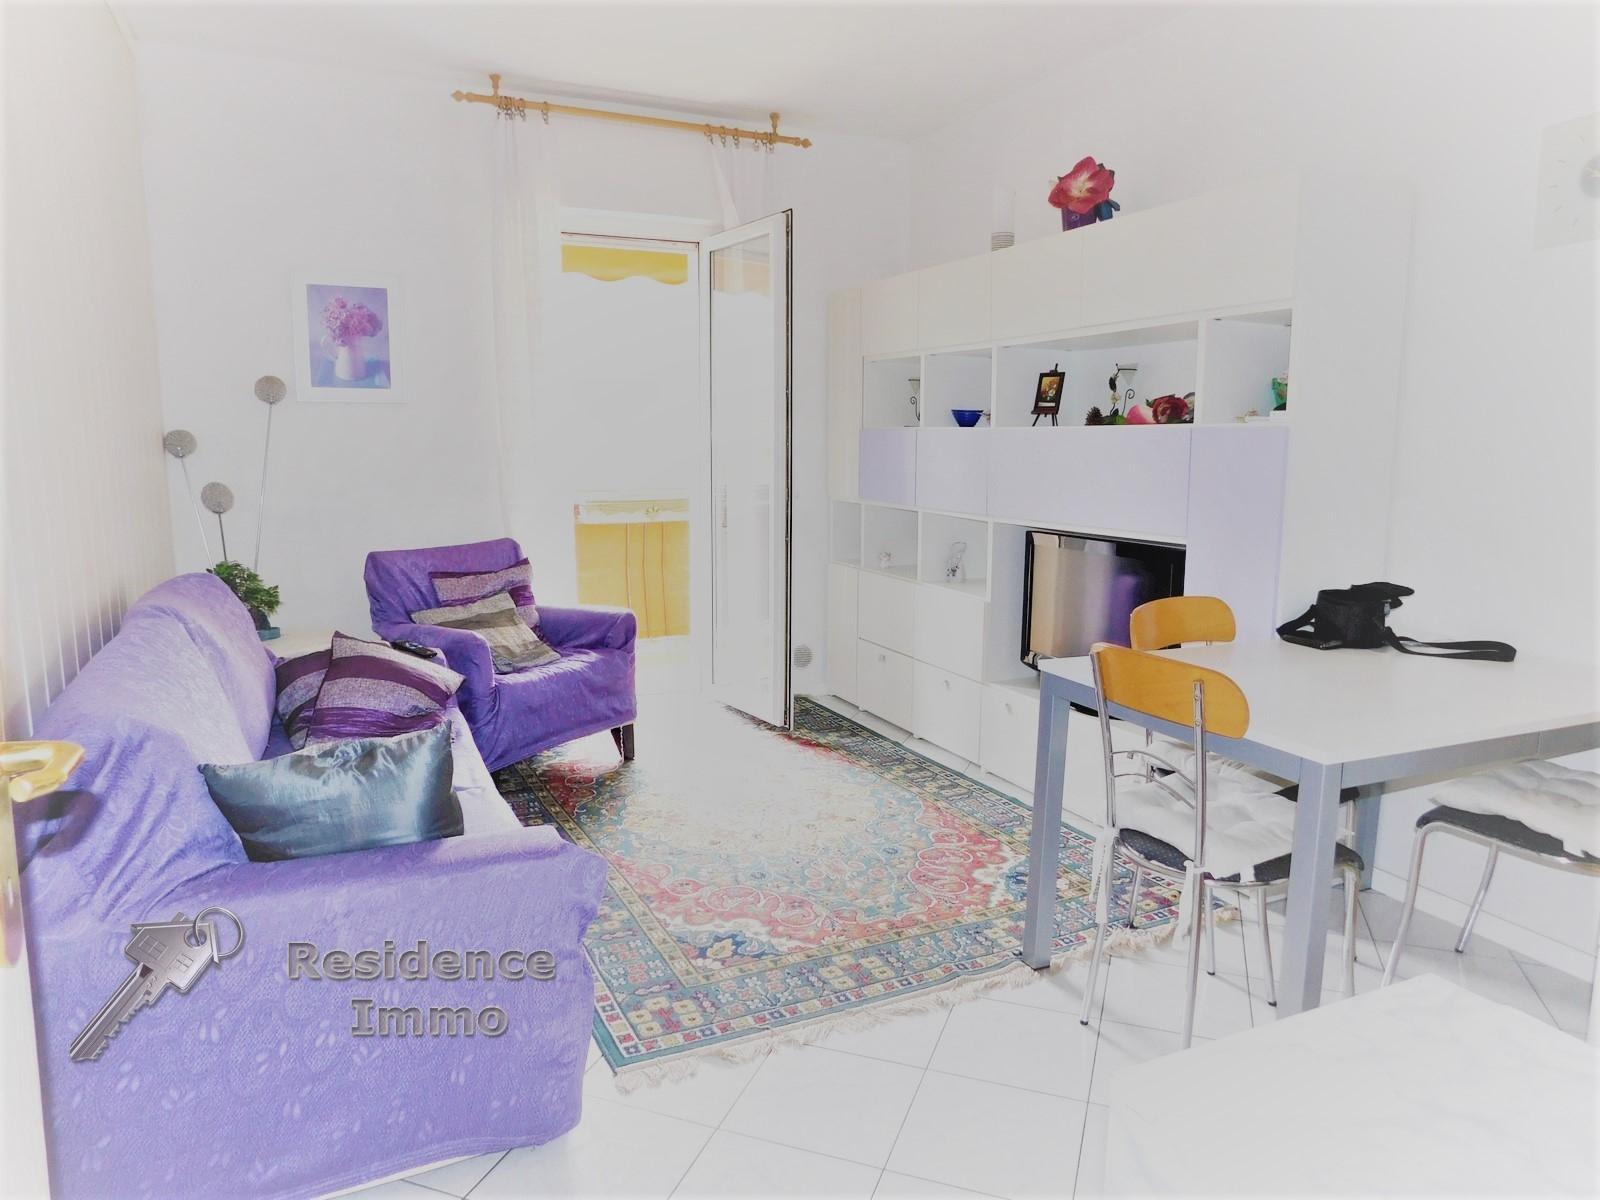 Appartamento in vendita a Bolzano, 3 locali, zona Zona: Residenziale, prezzo € 190.000   CambioCasa.it